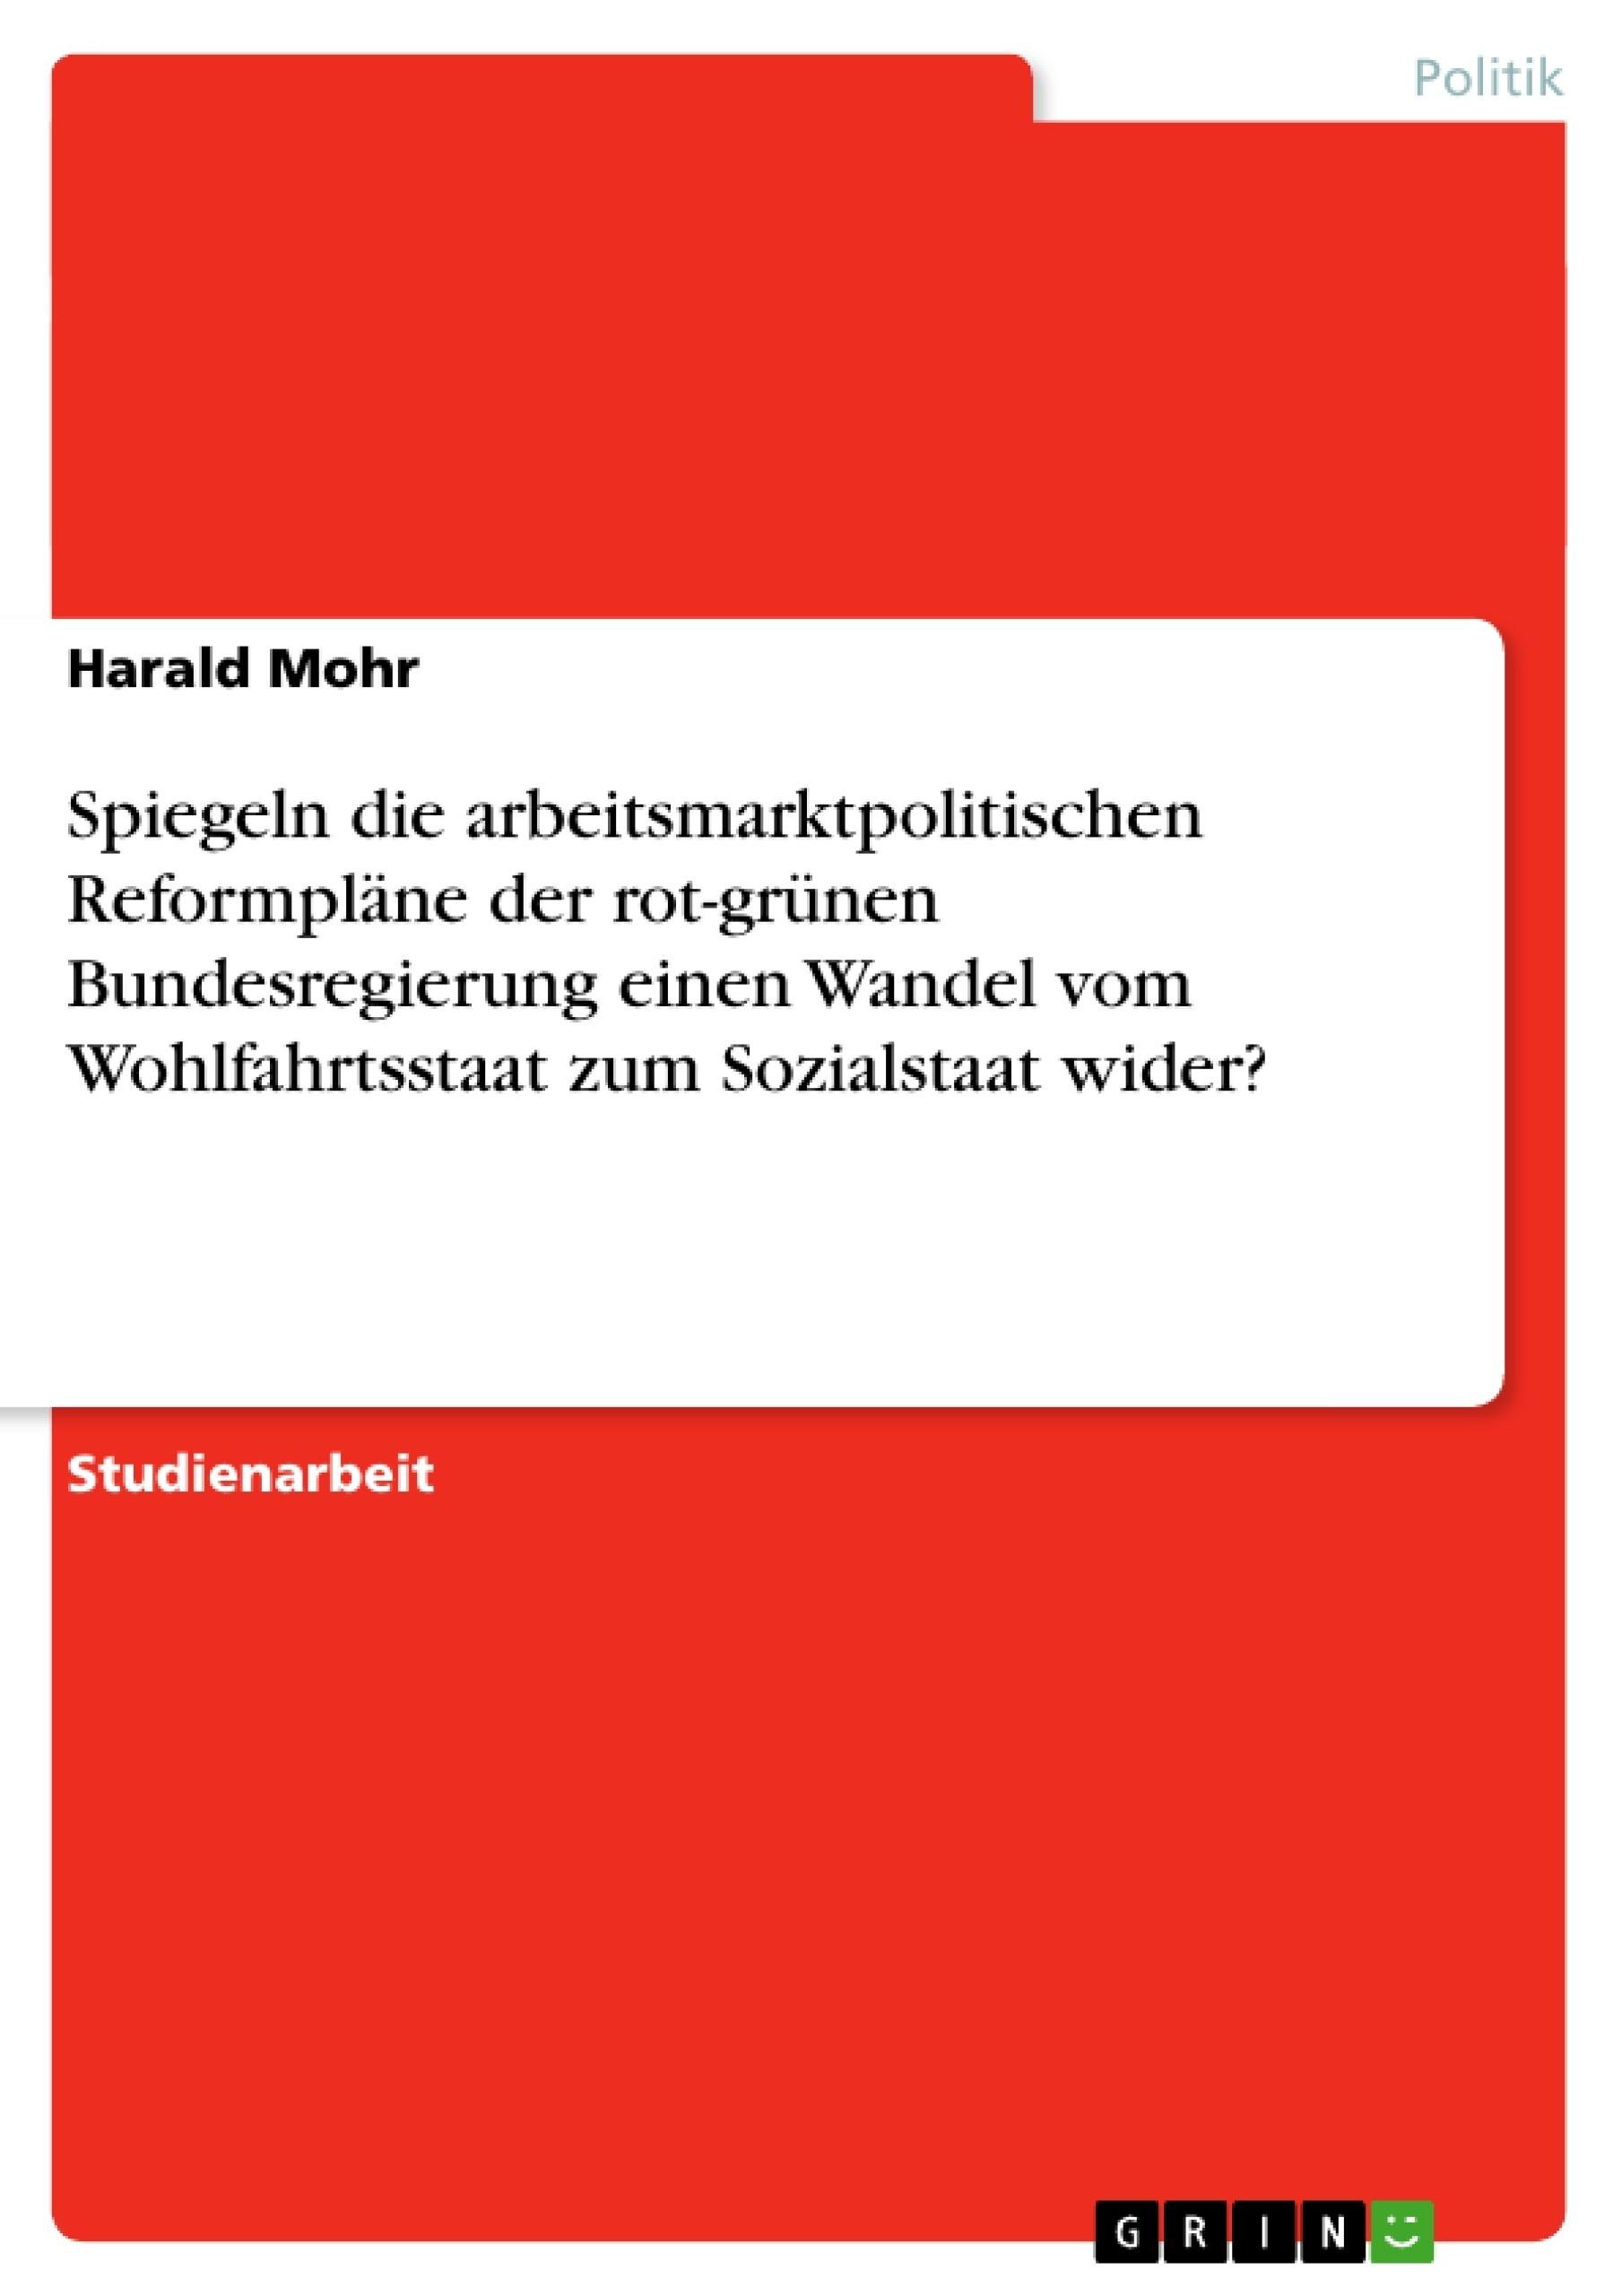 Titel: Spiegeln die arbeitsmarktpolitischen Reformpläne der rot-grünen Bundesregierung einen Wandel vom Wohlfahrtsstaat zum Sozialstaat wider?